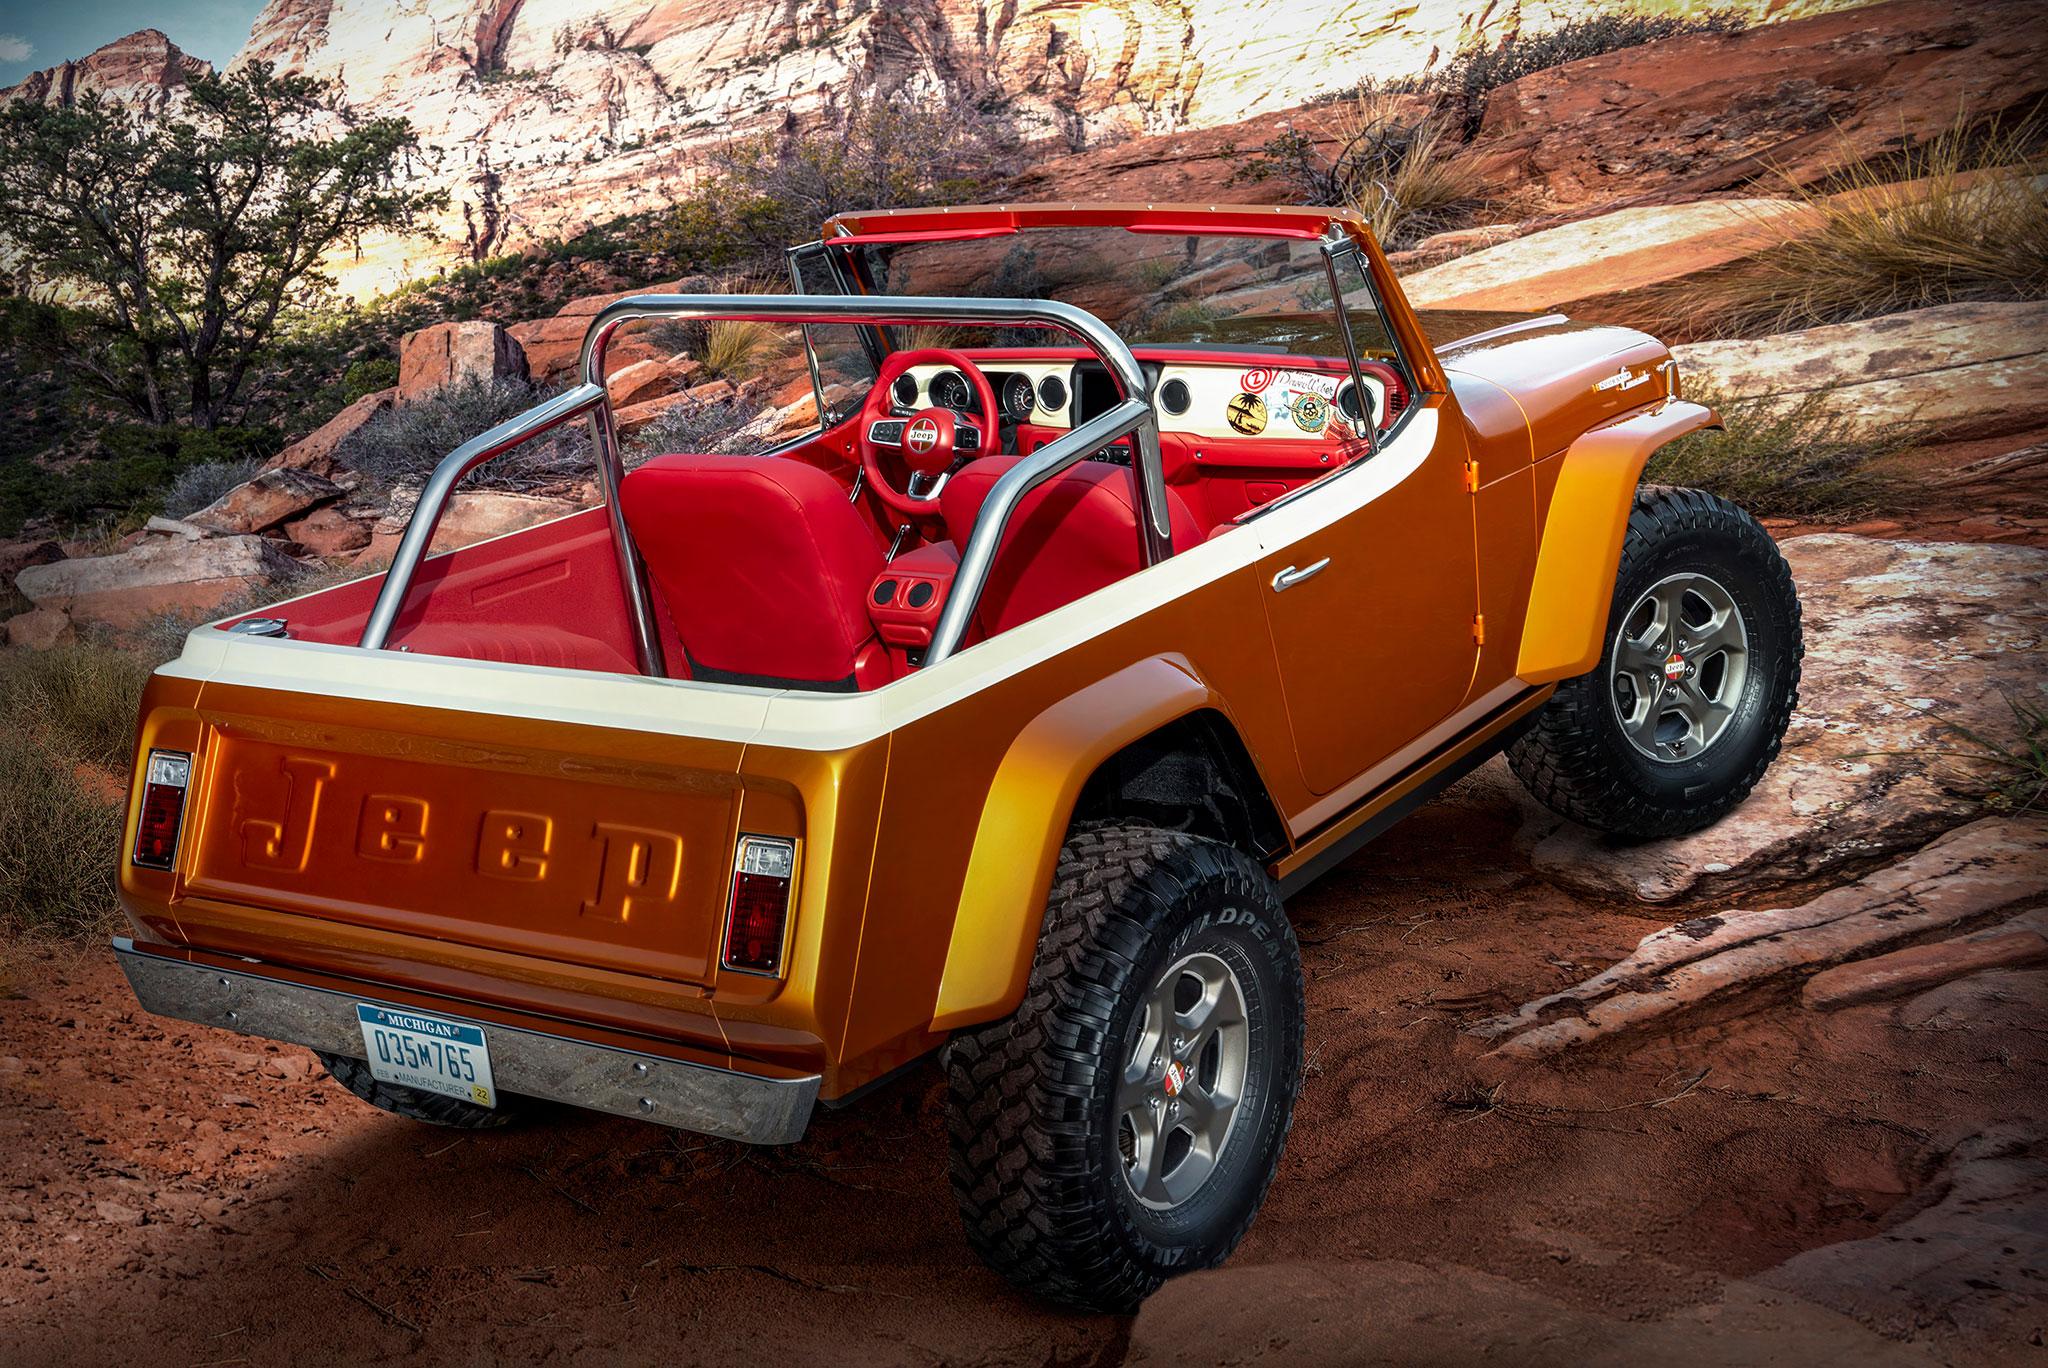 2021 Jeepster Beach Resto Mod Concept trois quarts arrière droit - Concept Cars de Jeep®.